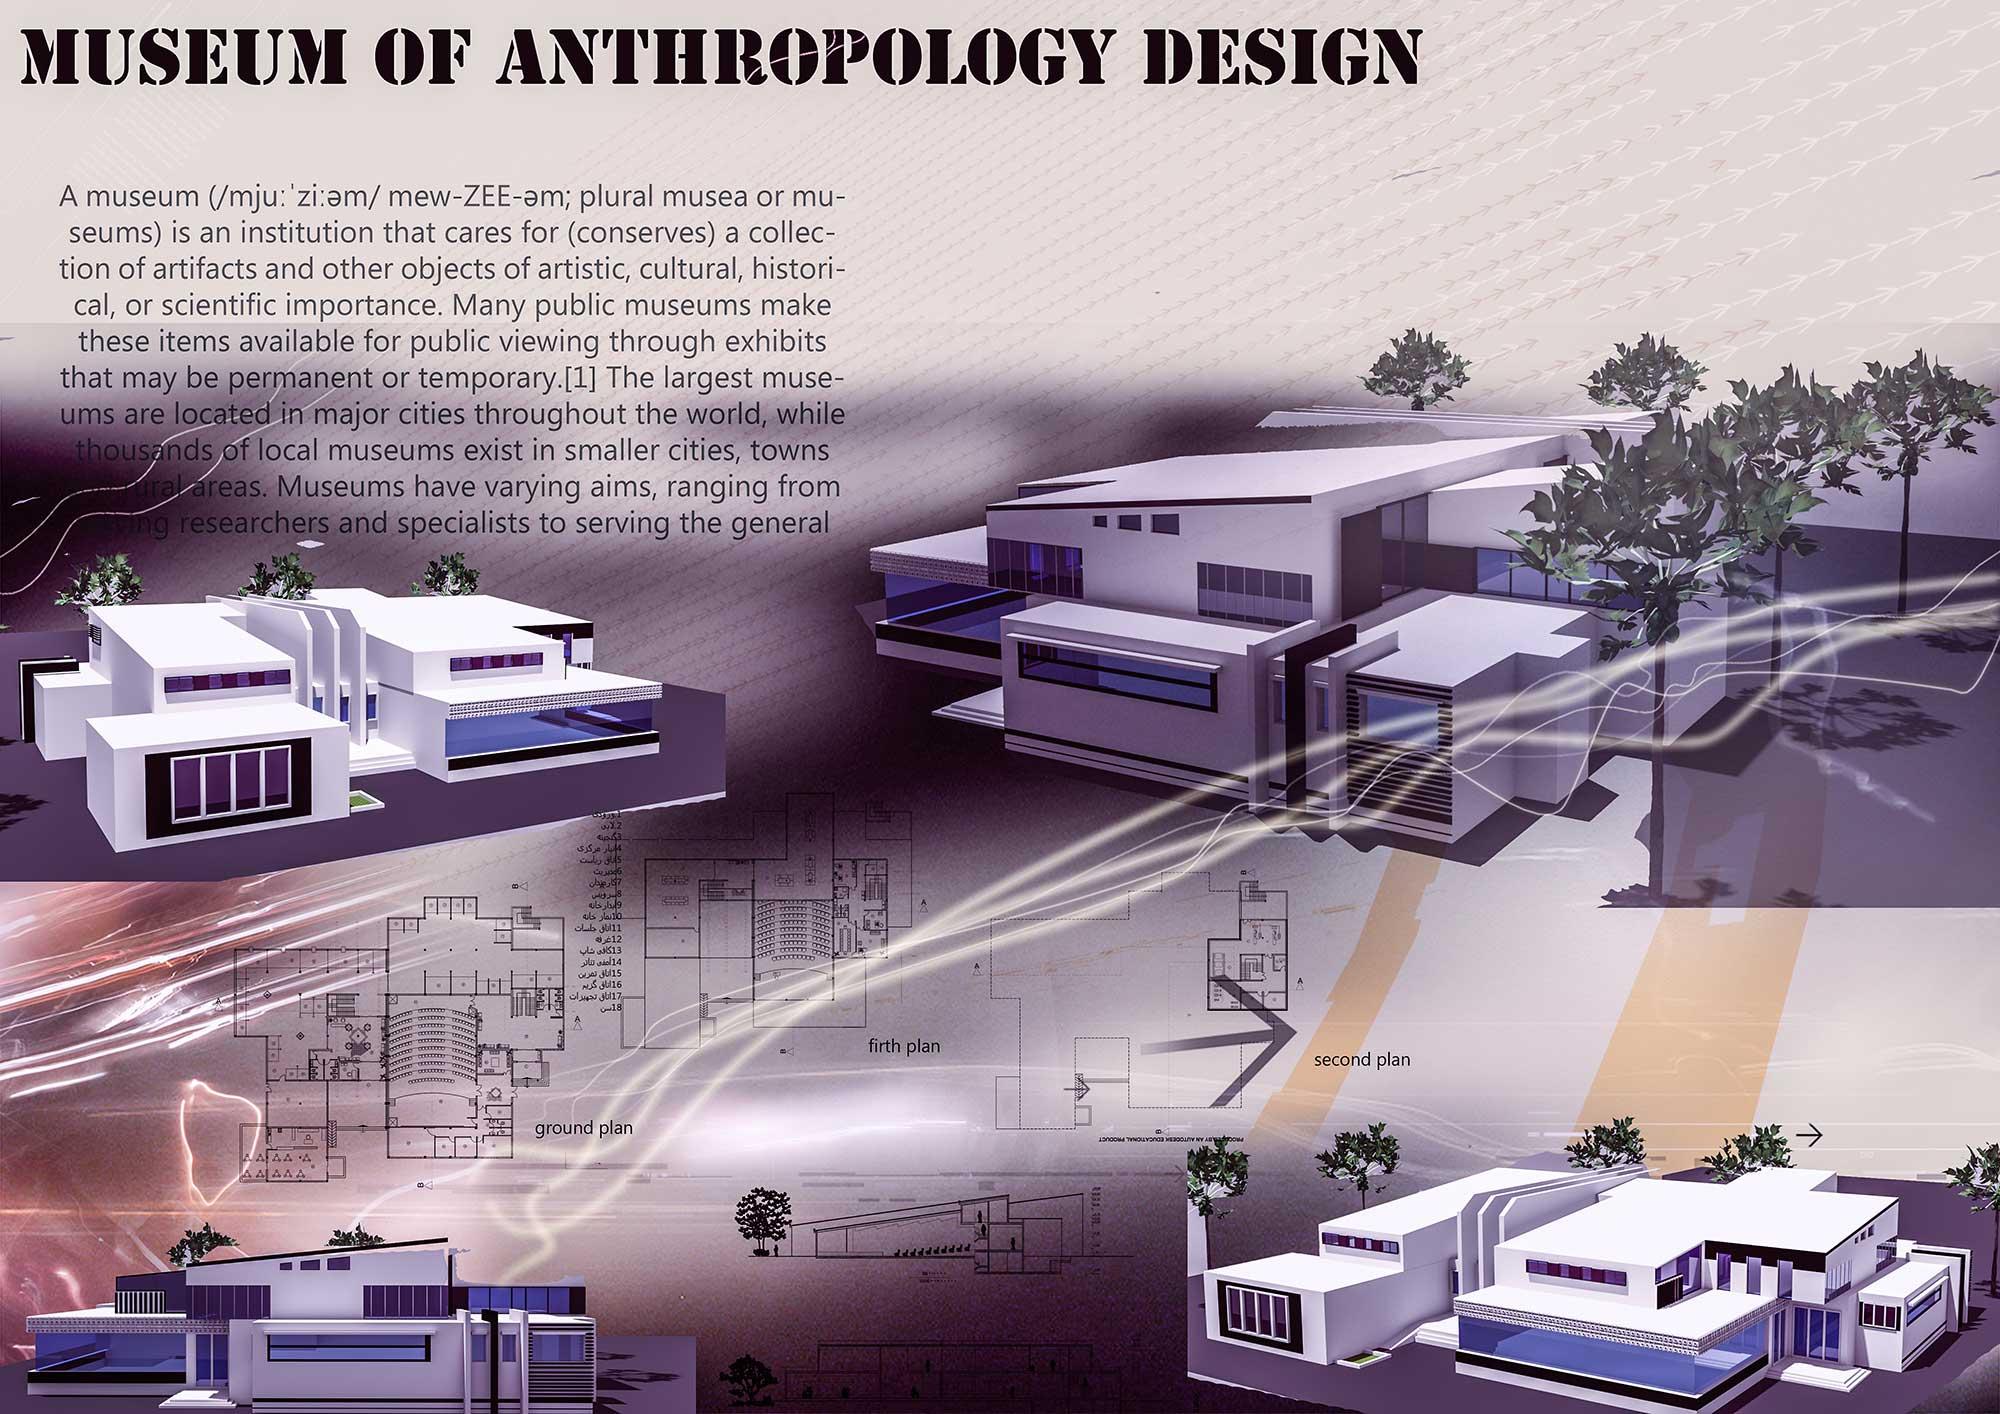 دانلود پروژه معماری موزه مردم شناسی (۱)